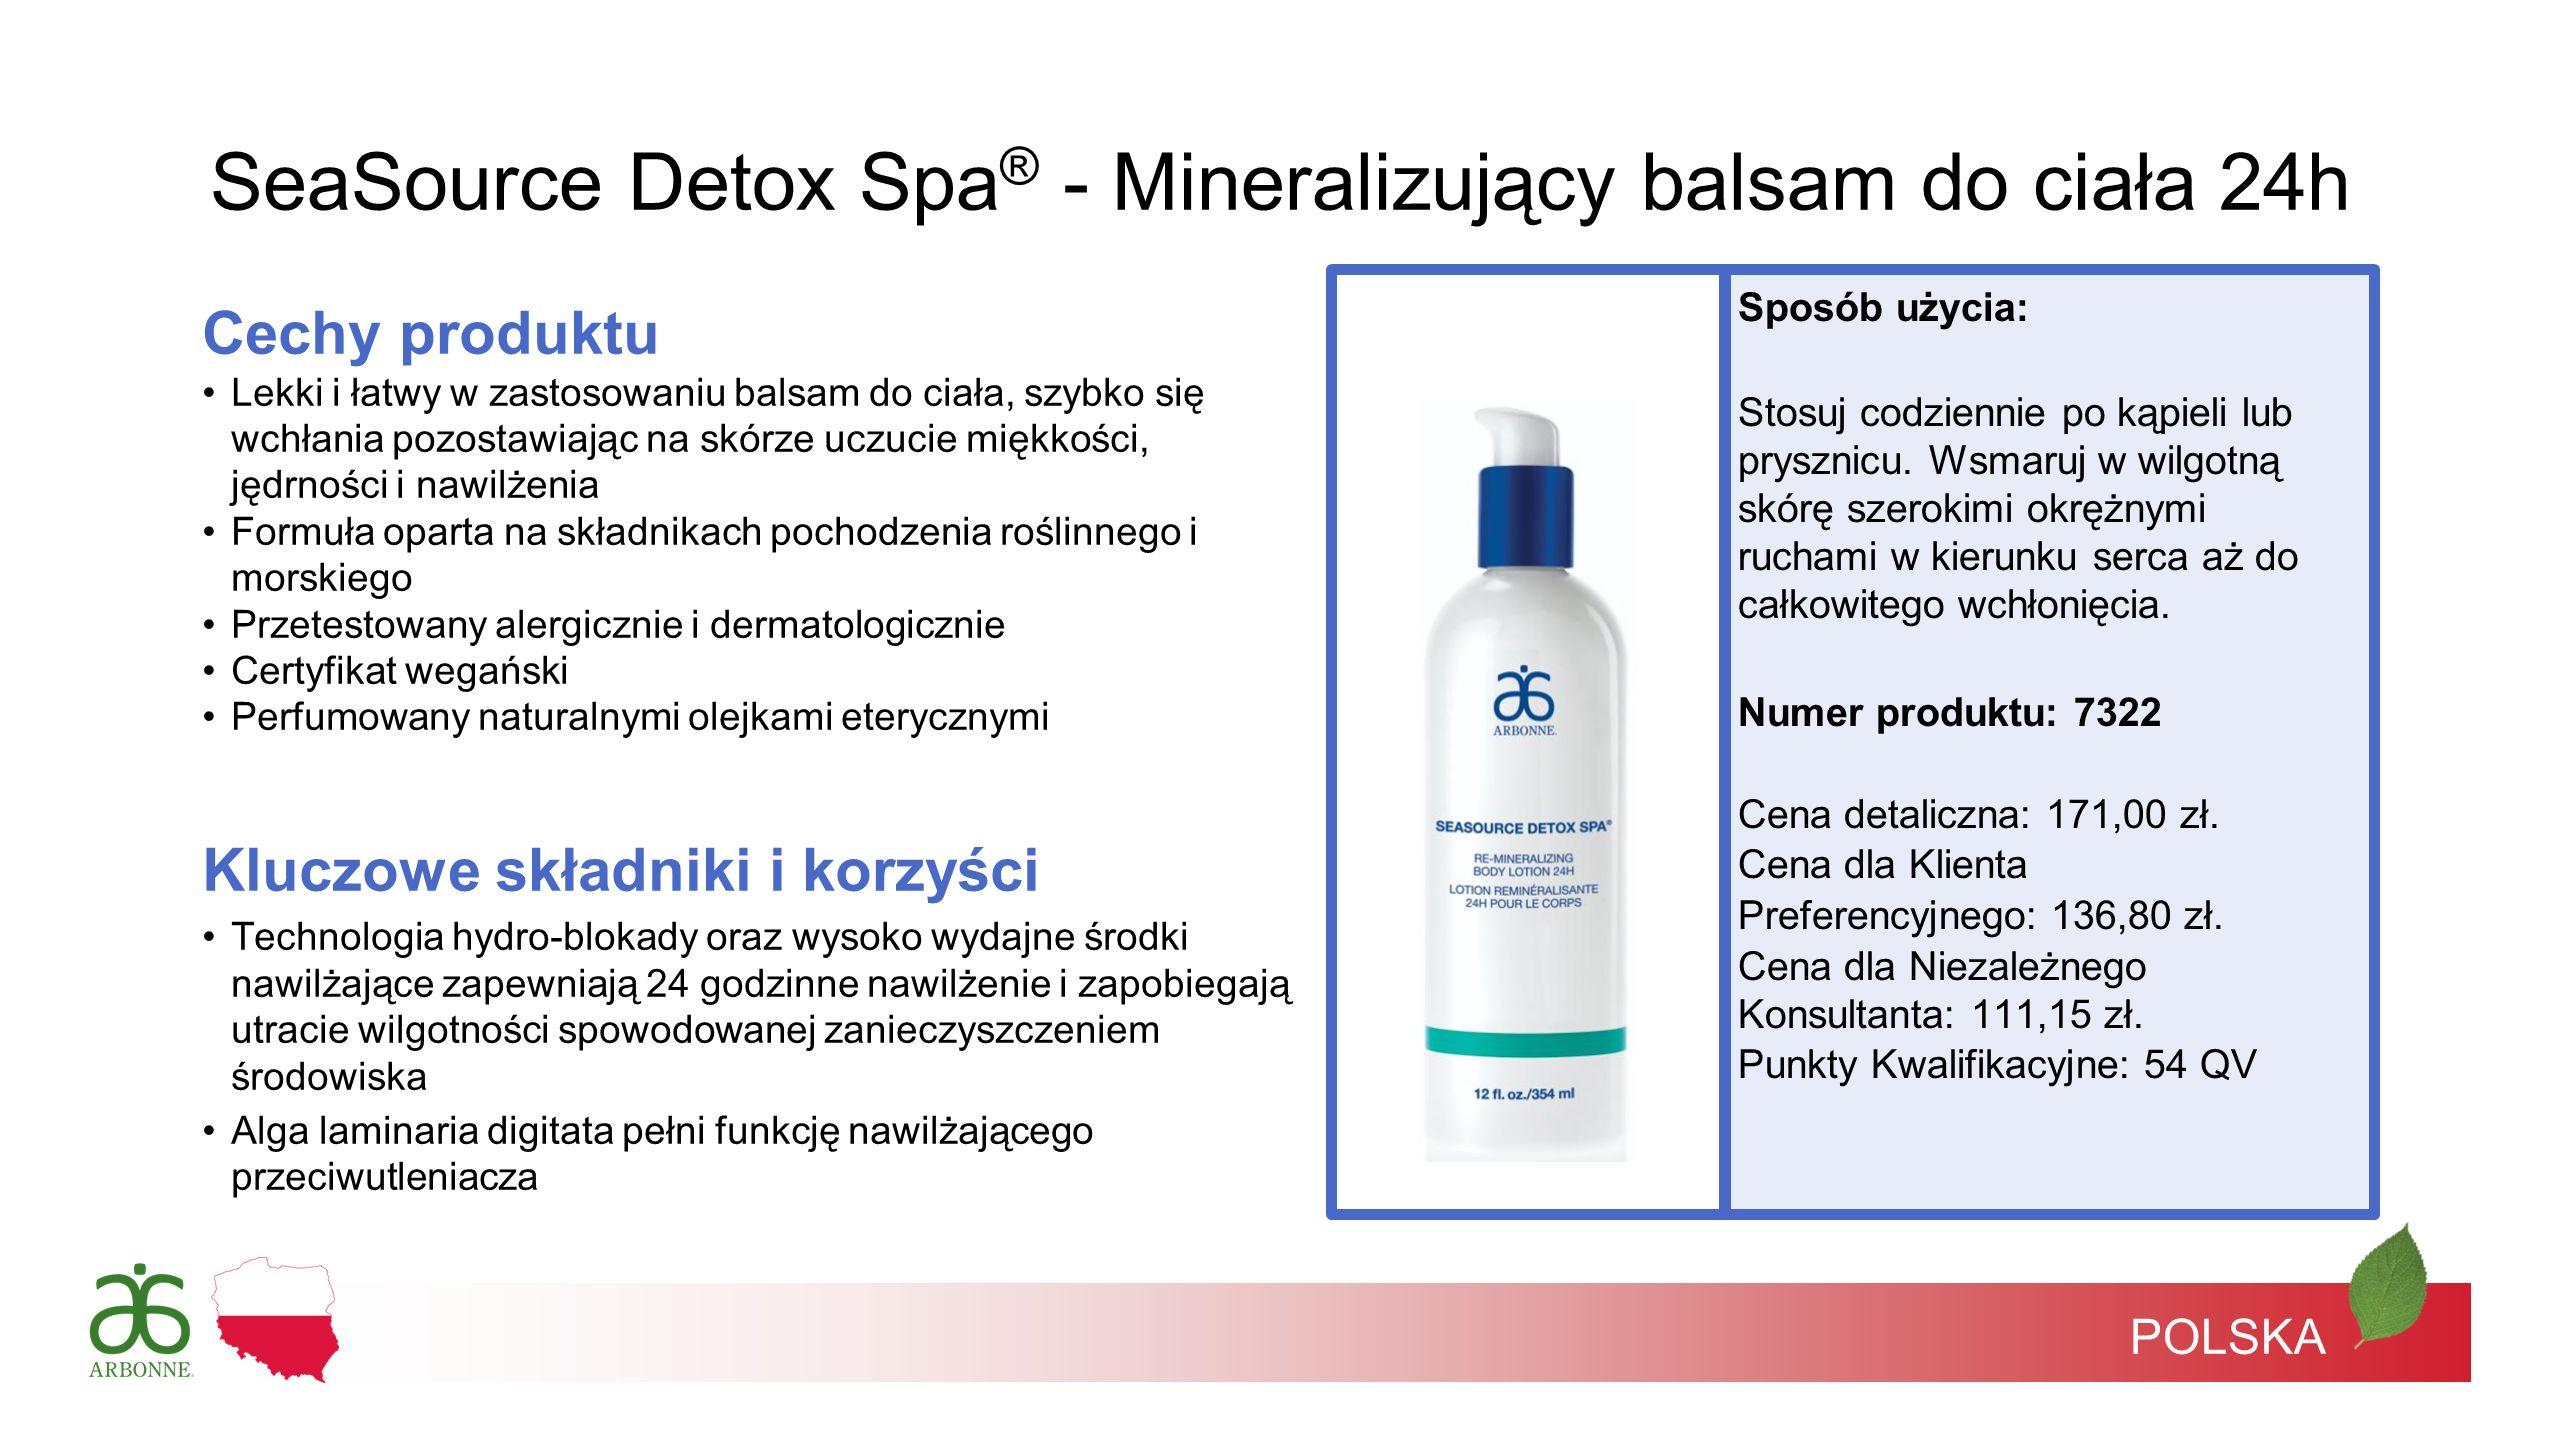 SeaSource Detox Spa® - Mineralizujący balsam do ciała 24h